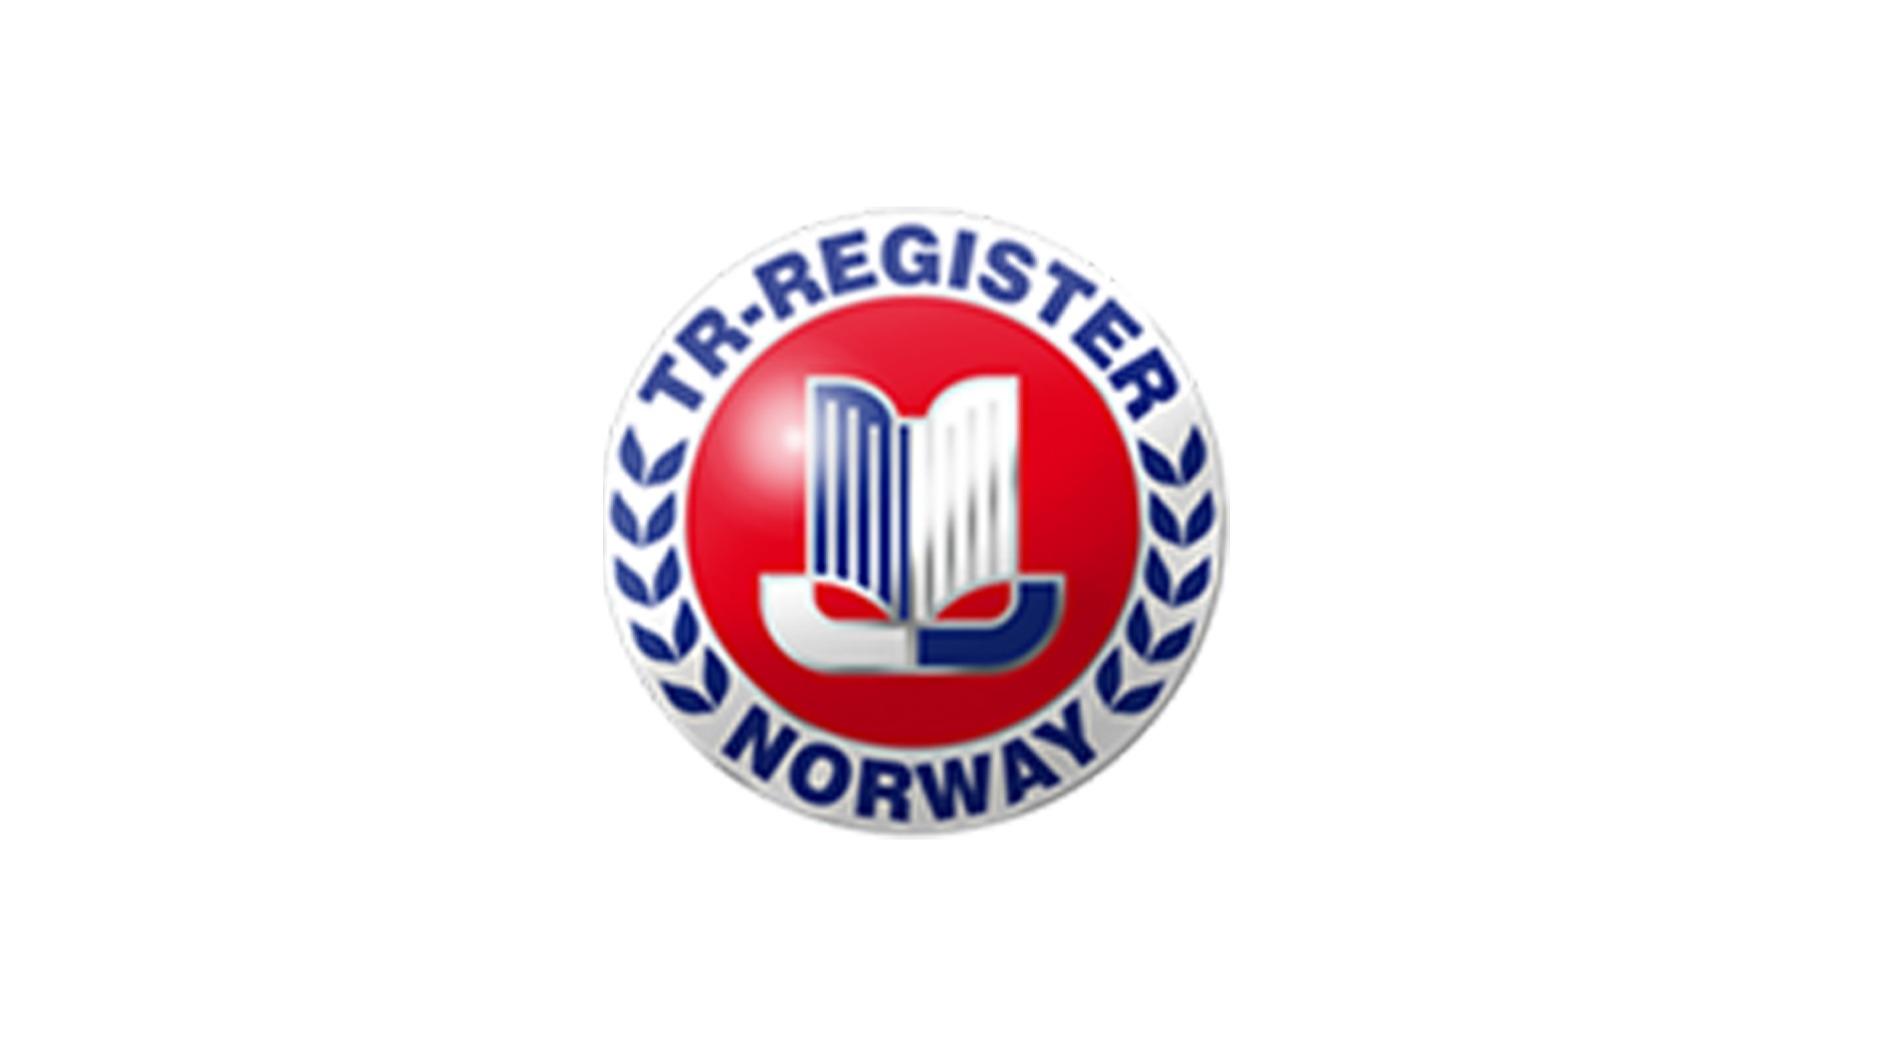 tr-register_bannerlogo-Fullskjerm.jpg